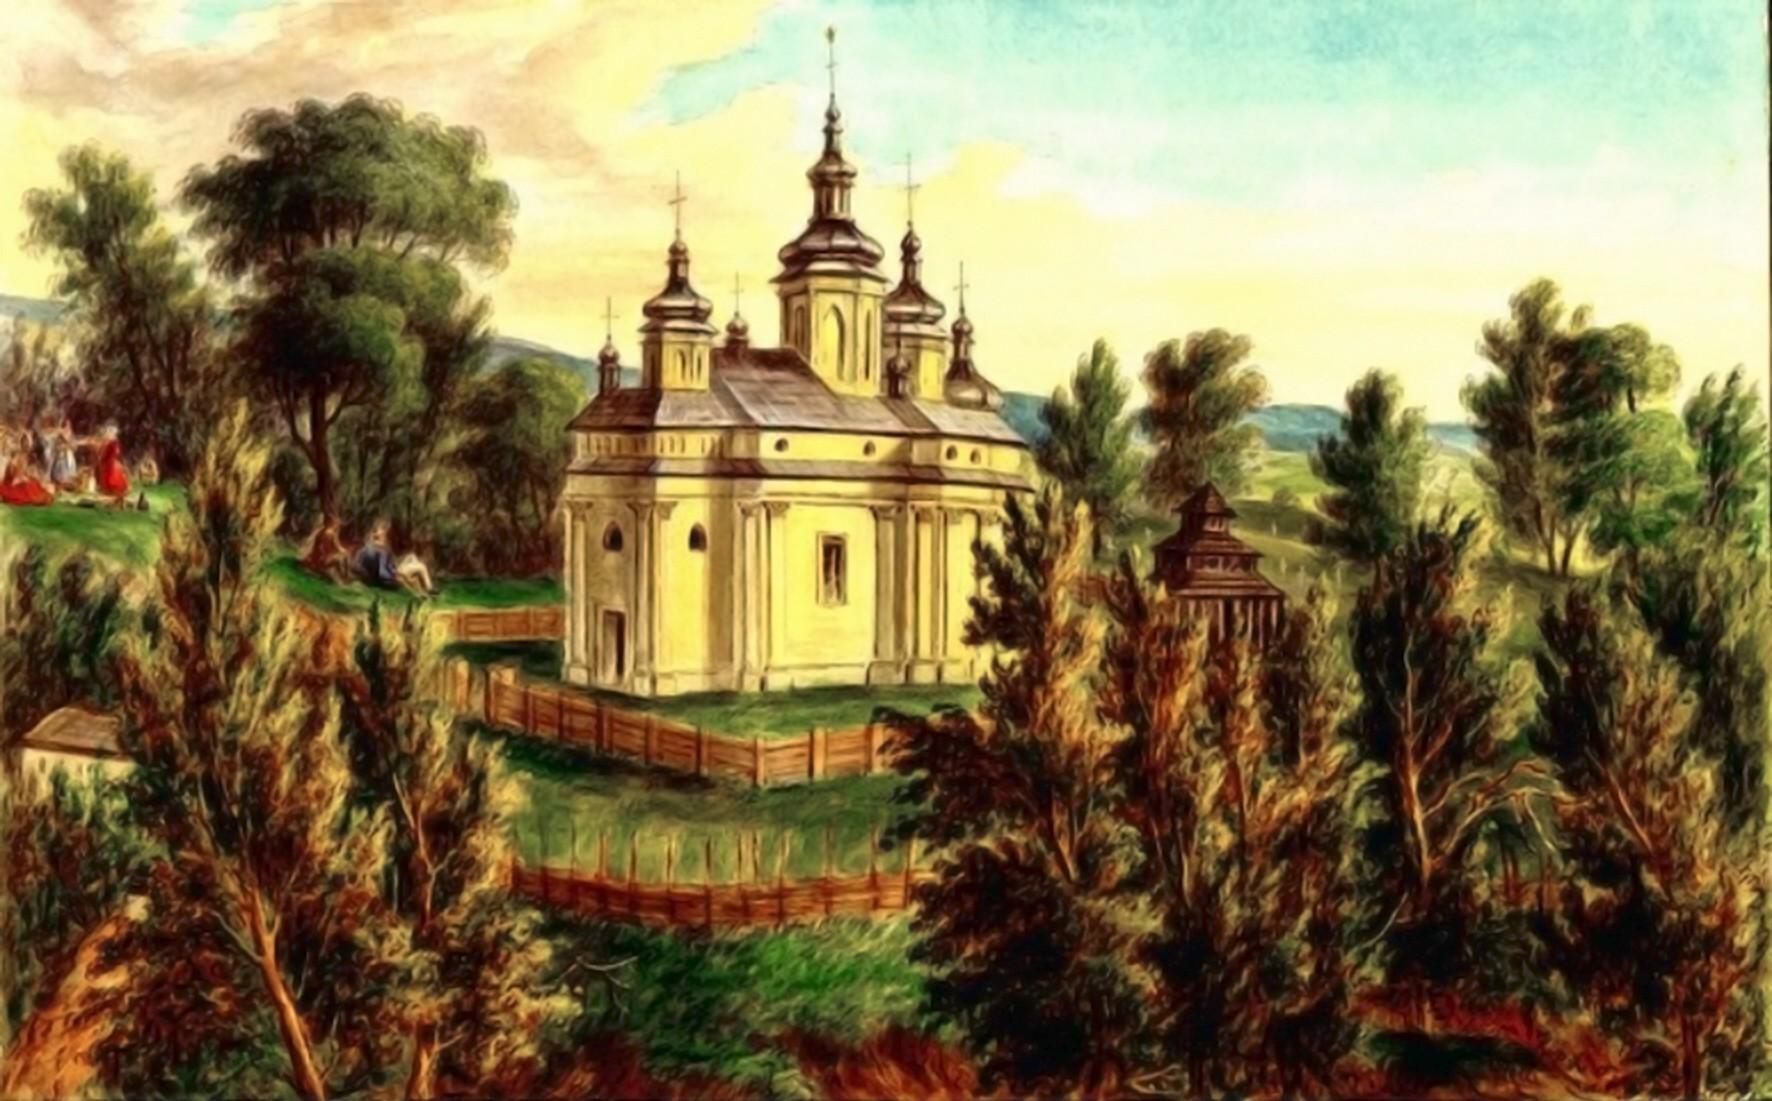 Horecea, mănăstirea în 1860 – acuarelă de Franz Xaver Knapp (1809-1883)